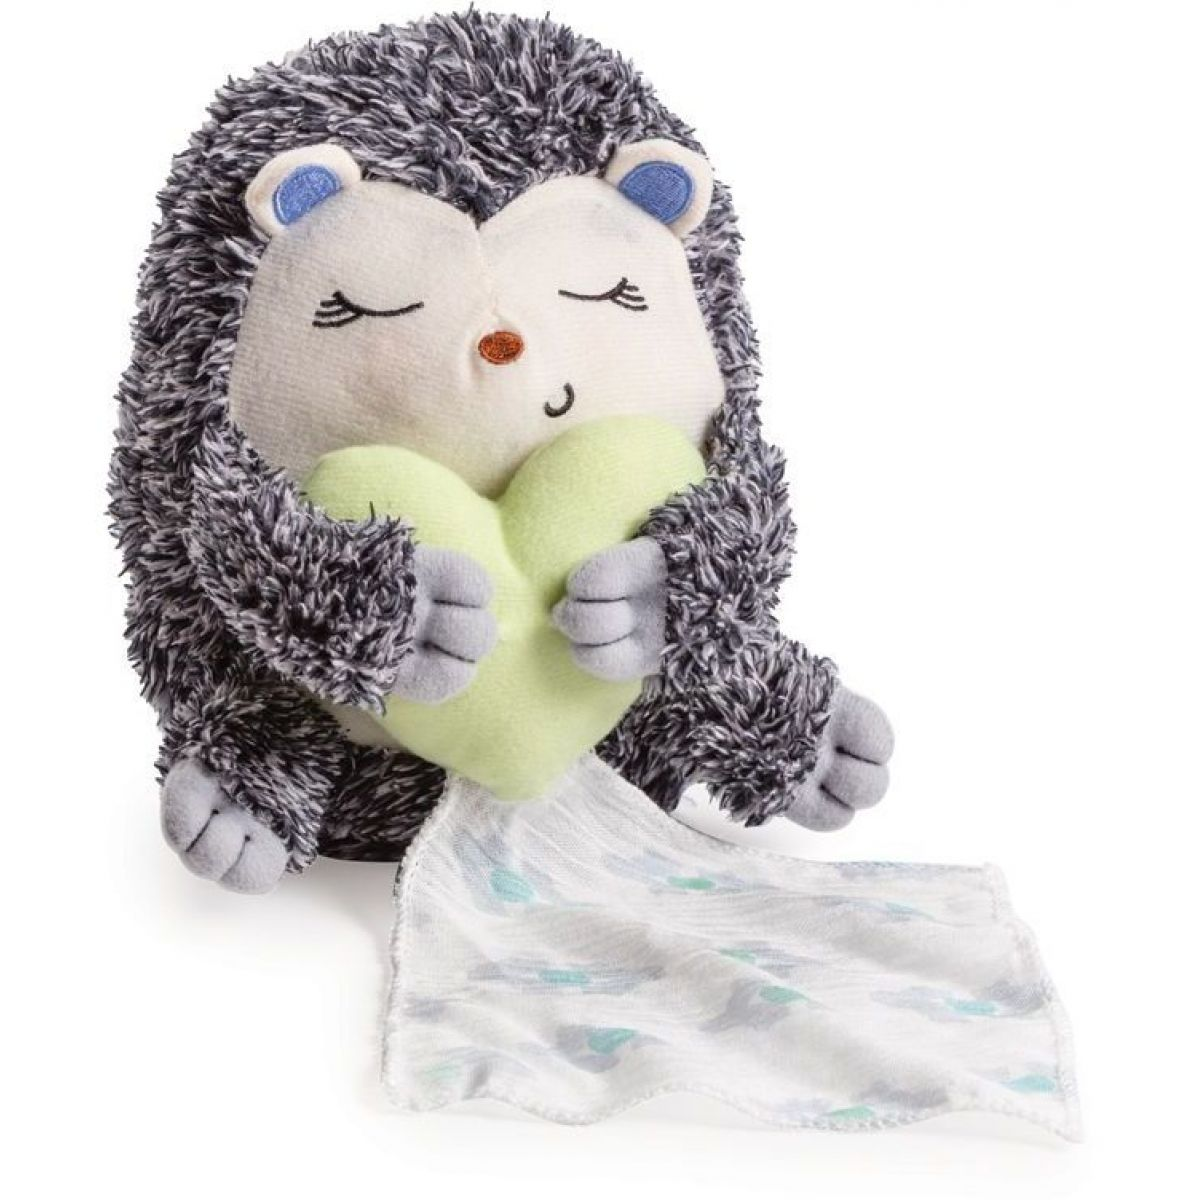 Summer Infant Plyšový usínáček s tlukotem srdce ježek